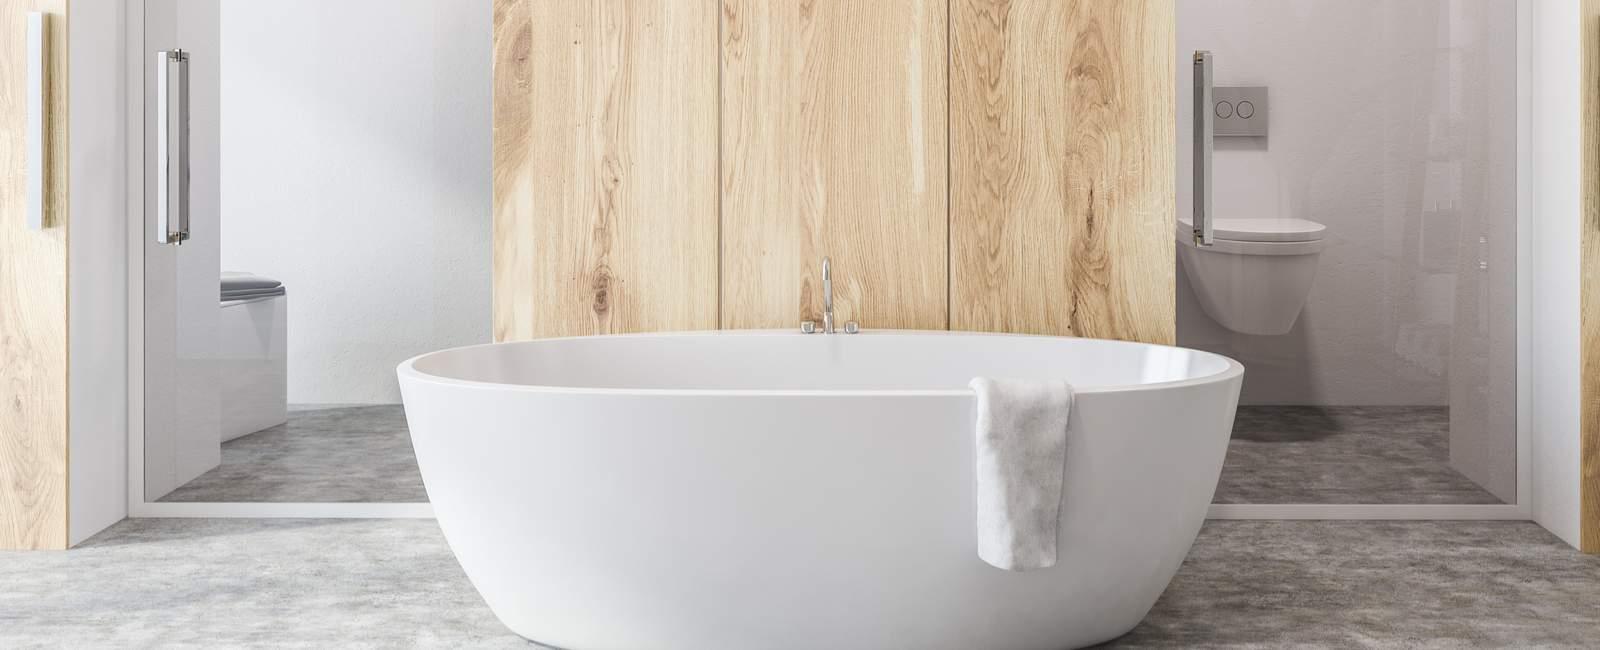 Comment Utiliser Les Panneaux D'habillage Pour Rénover Sa concernant Panneau Composite Salle De Bain